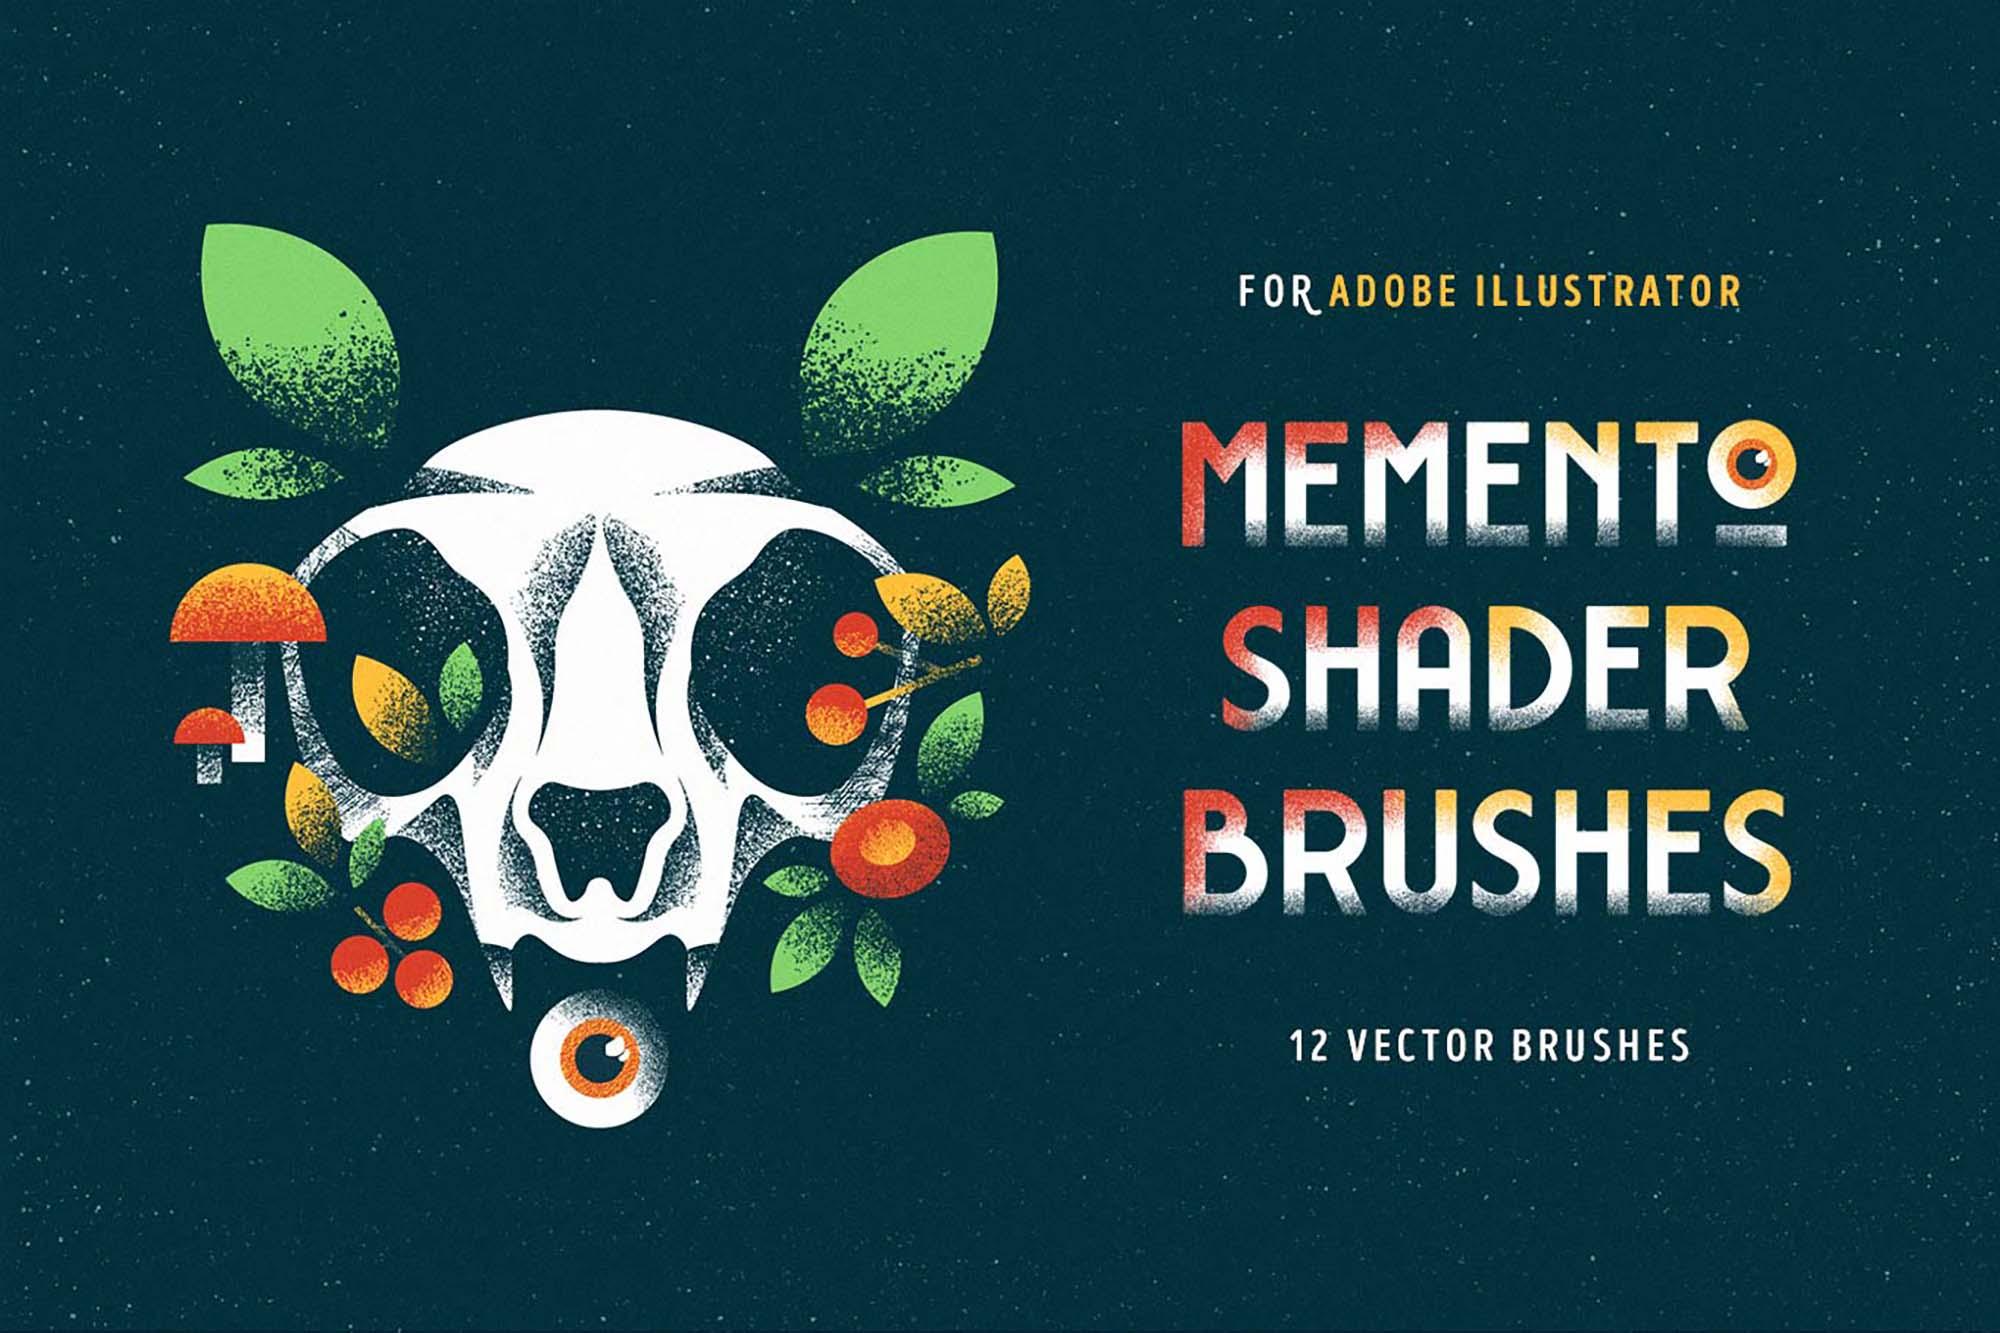 Memento Shader Illustrator Brushes